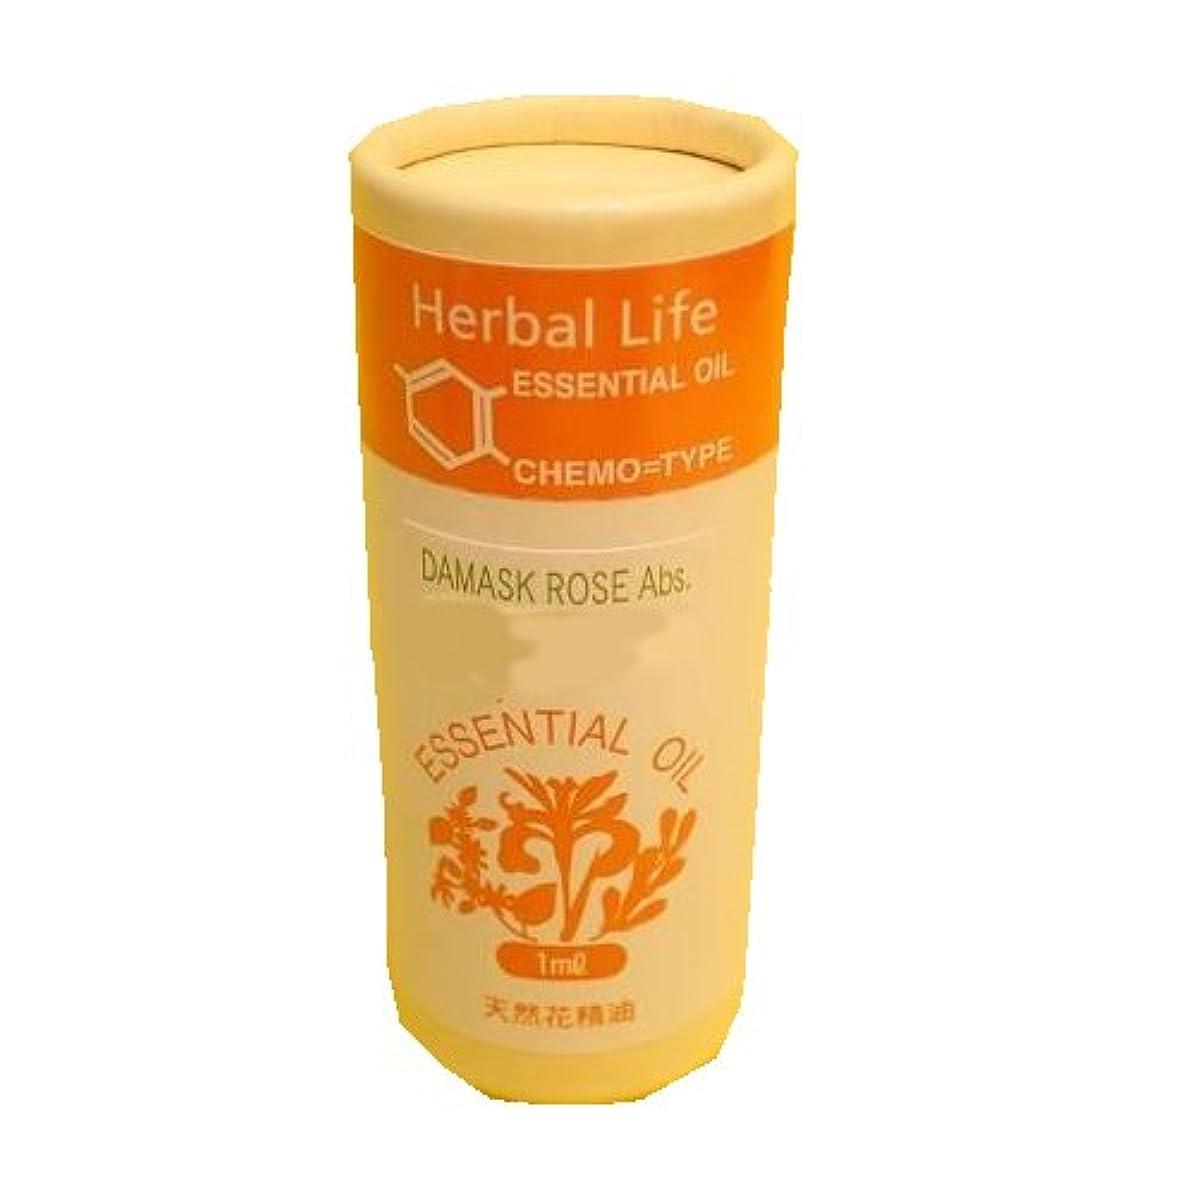 顕著漂流クランシー生活の木 Herbal Life 花精油 ダマスクローズAbs. ブルガリア産 1ml